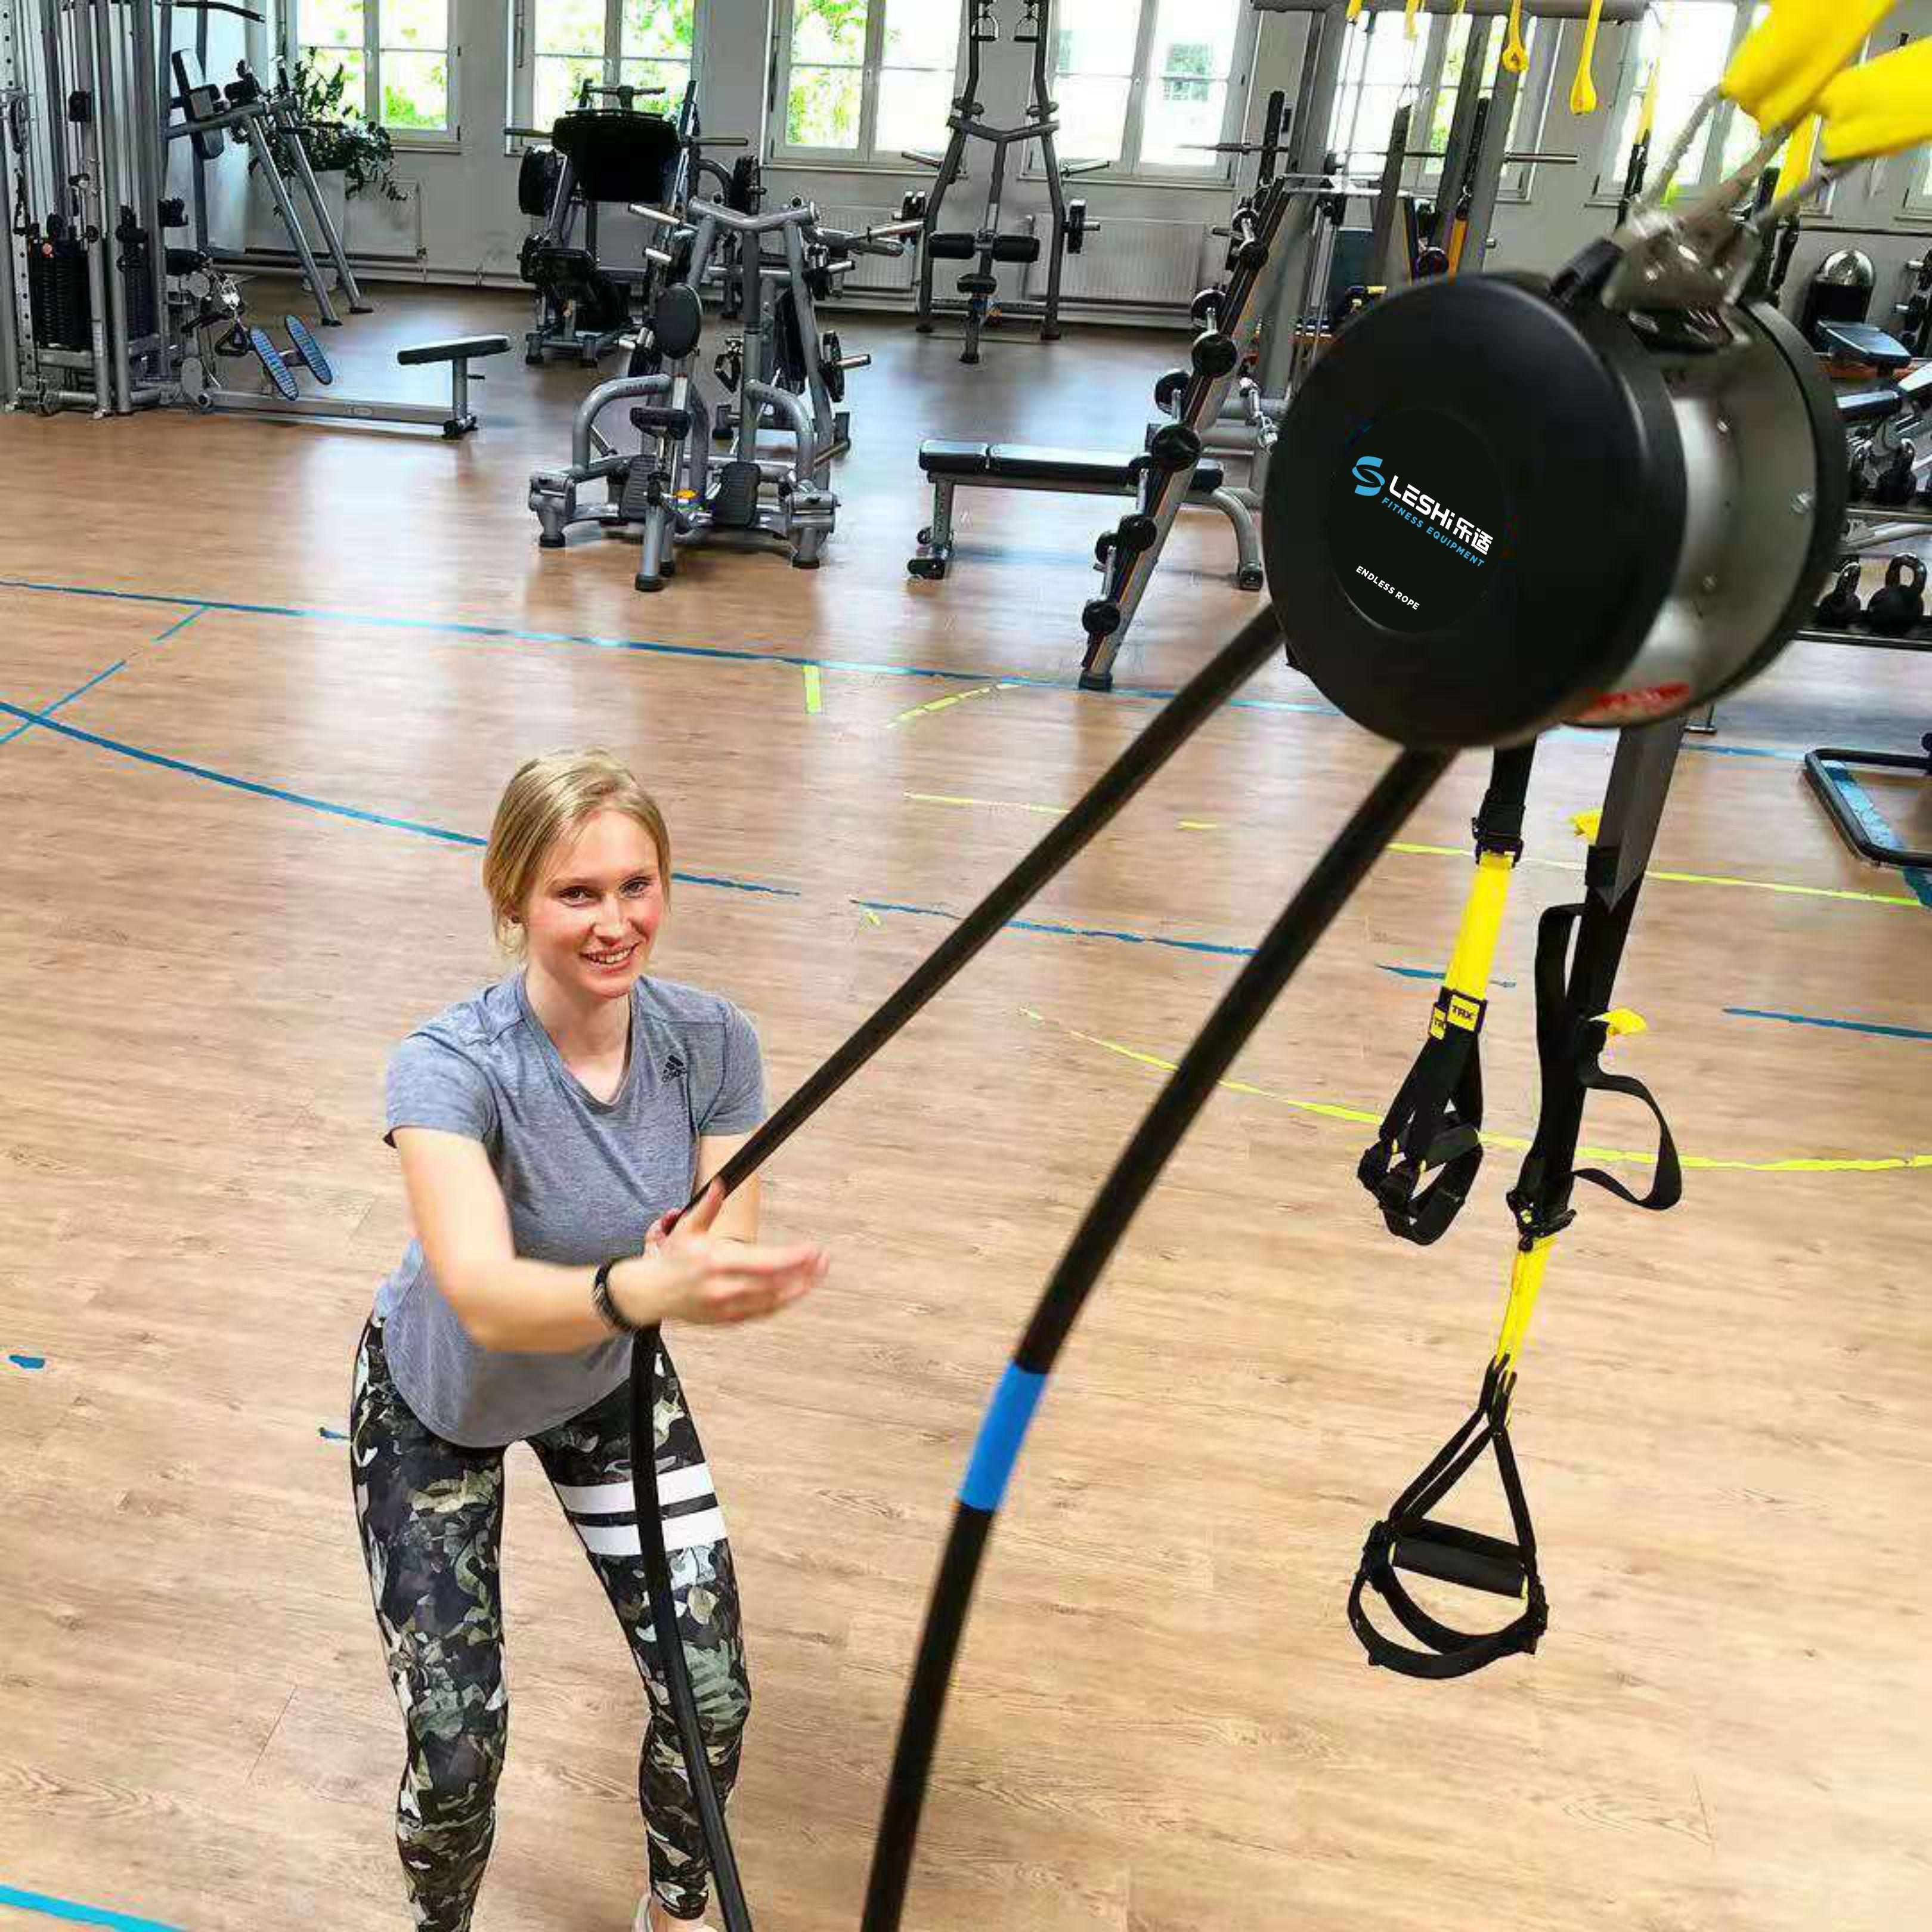 جودة عالية شنقا حبل المدرب جدار بكرة لا نهاية لها حبل معدات اللياقة البدنية الأساسية التدريب رياضة ممارسة المنزل خارج الباب تجريب C0224